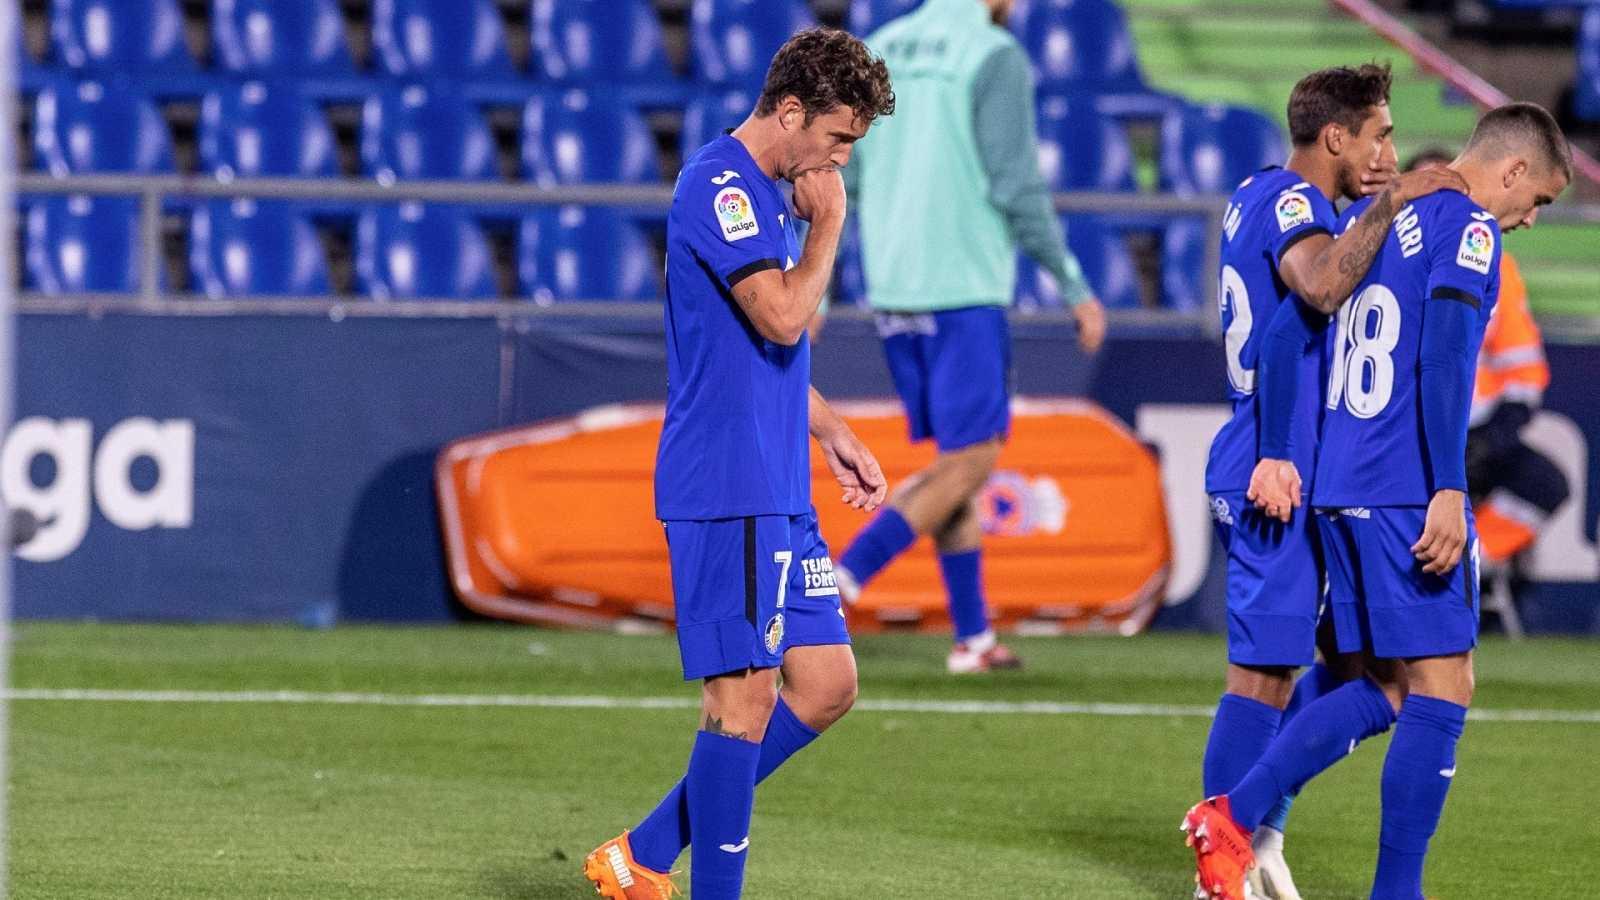 El delantero del Getafe Jaime Mata (i) celebra tras marcar de penalti ante el FC Barcelona